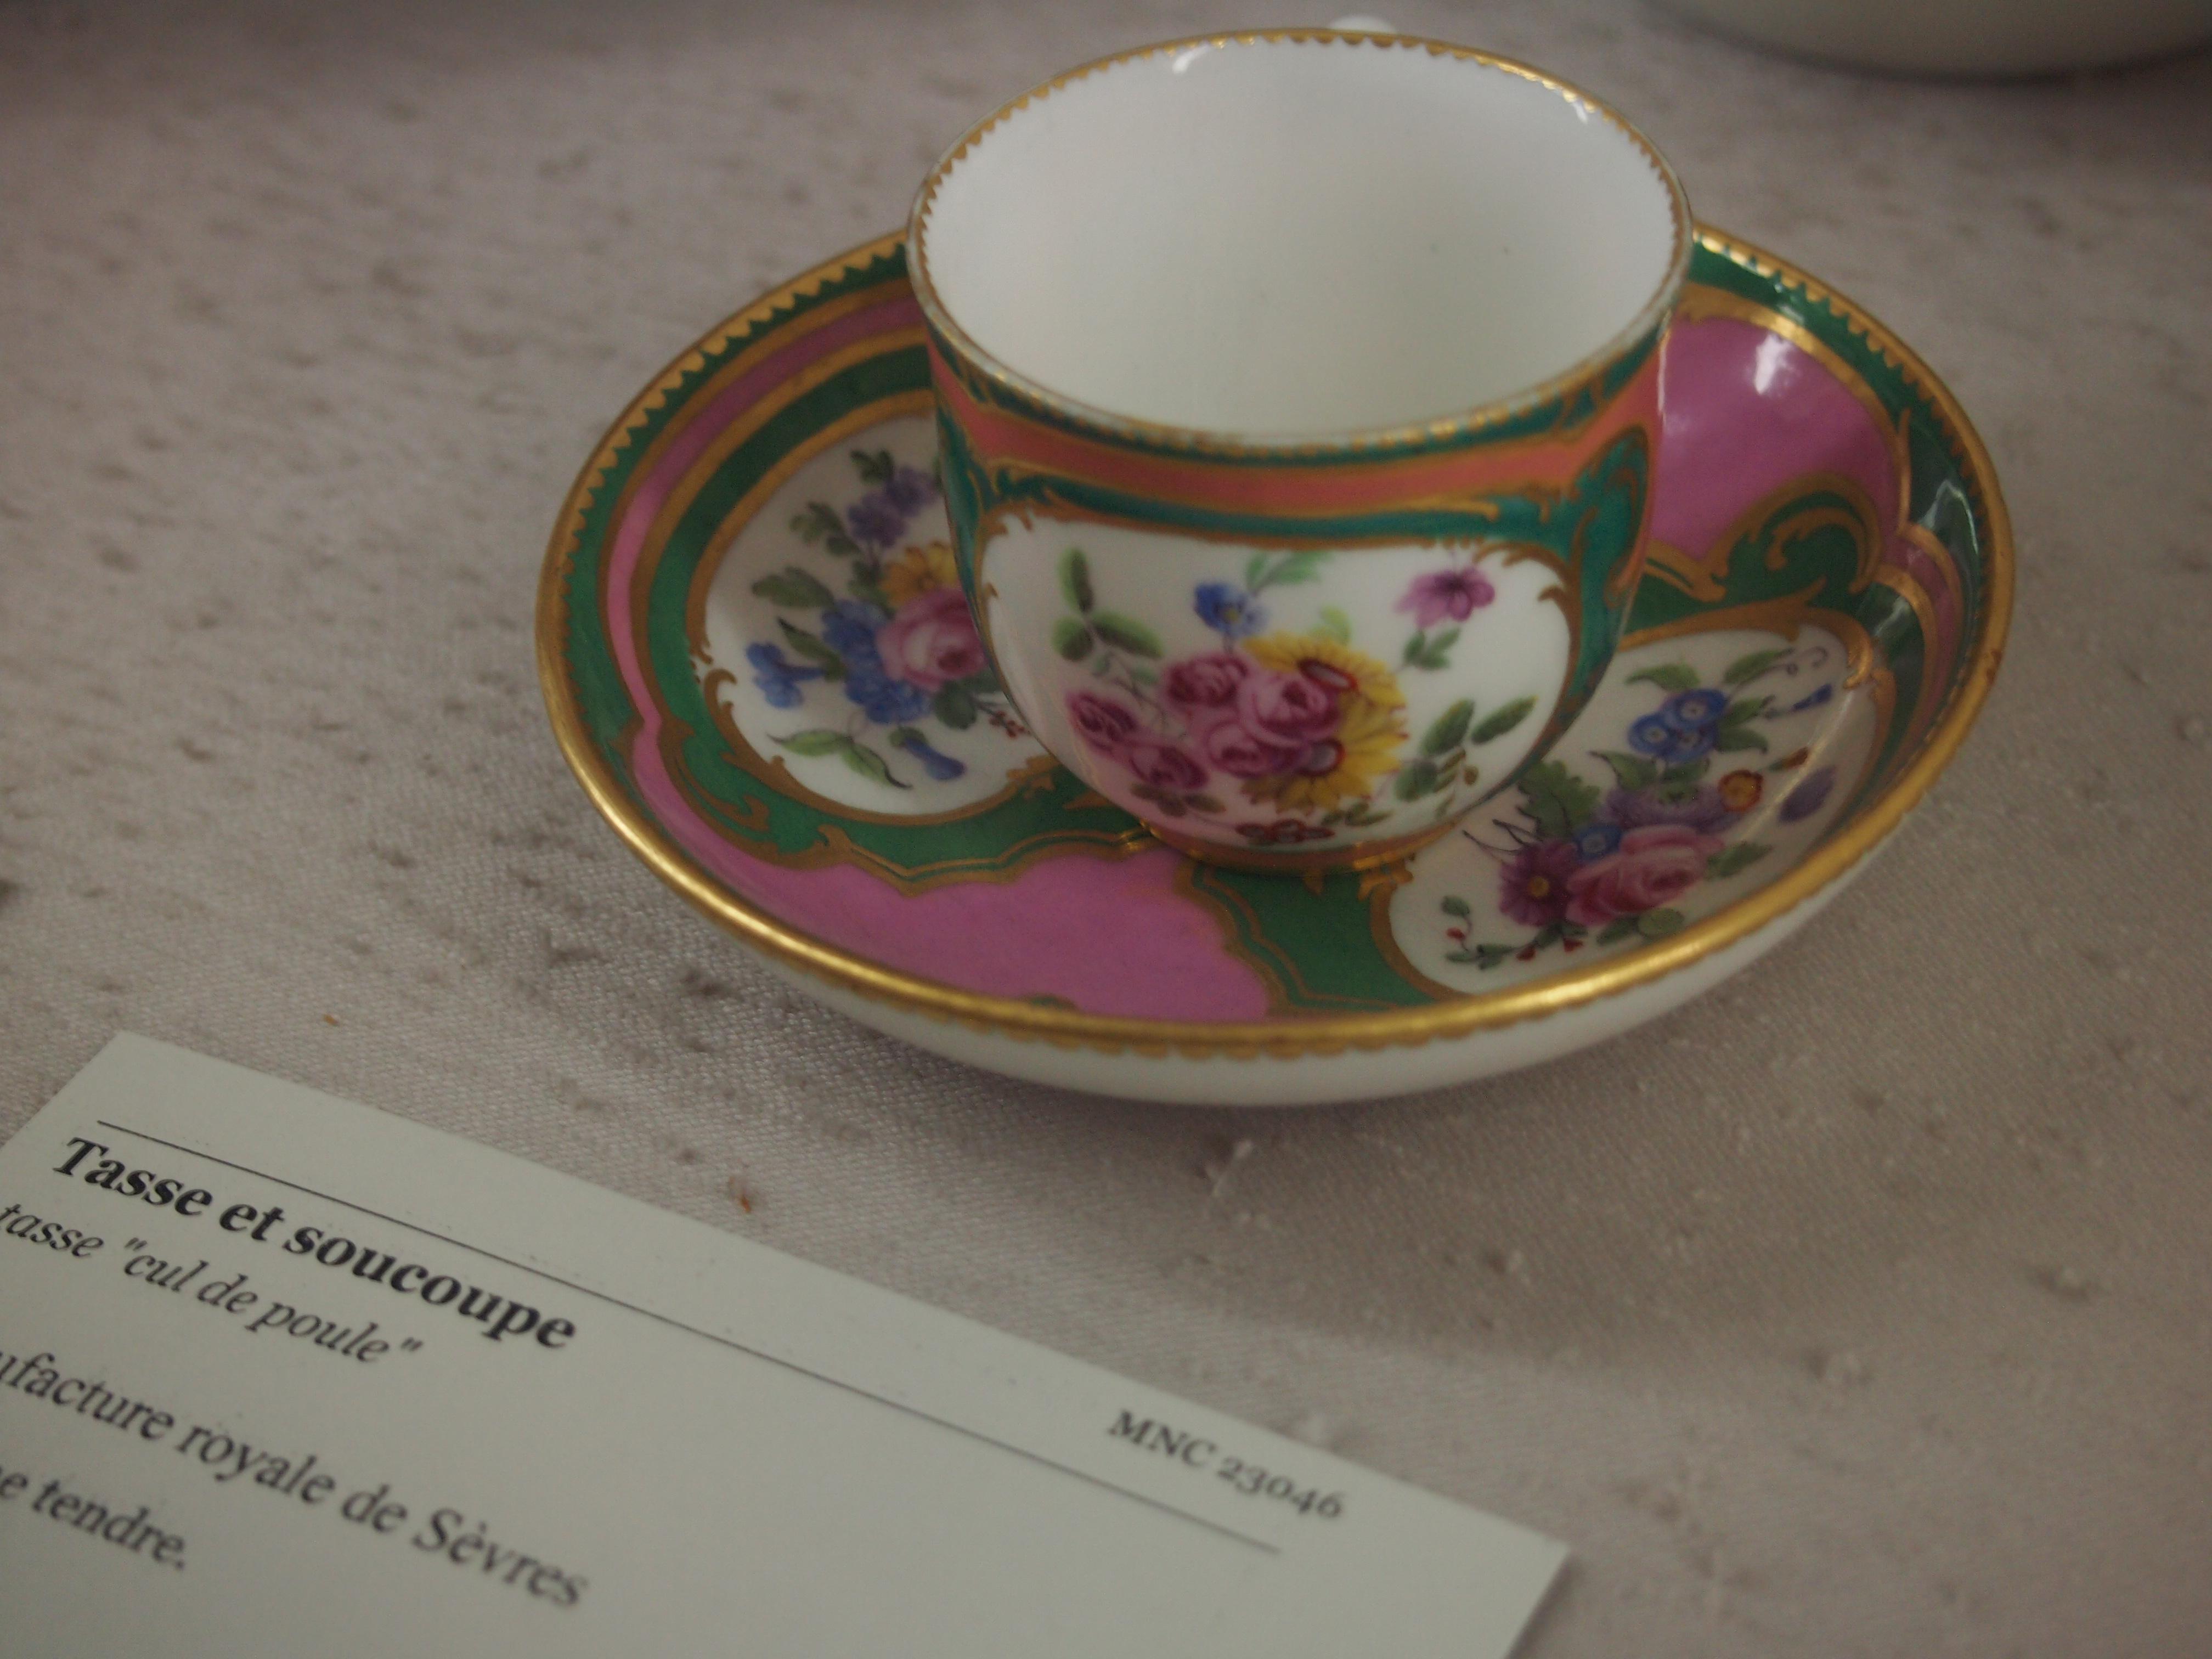 ポンパドゥール夫人が好きだったピンクとはこの色のことかしら?とか想像していると時間があっという間に過ぎてしまいます。